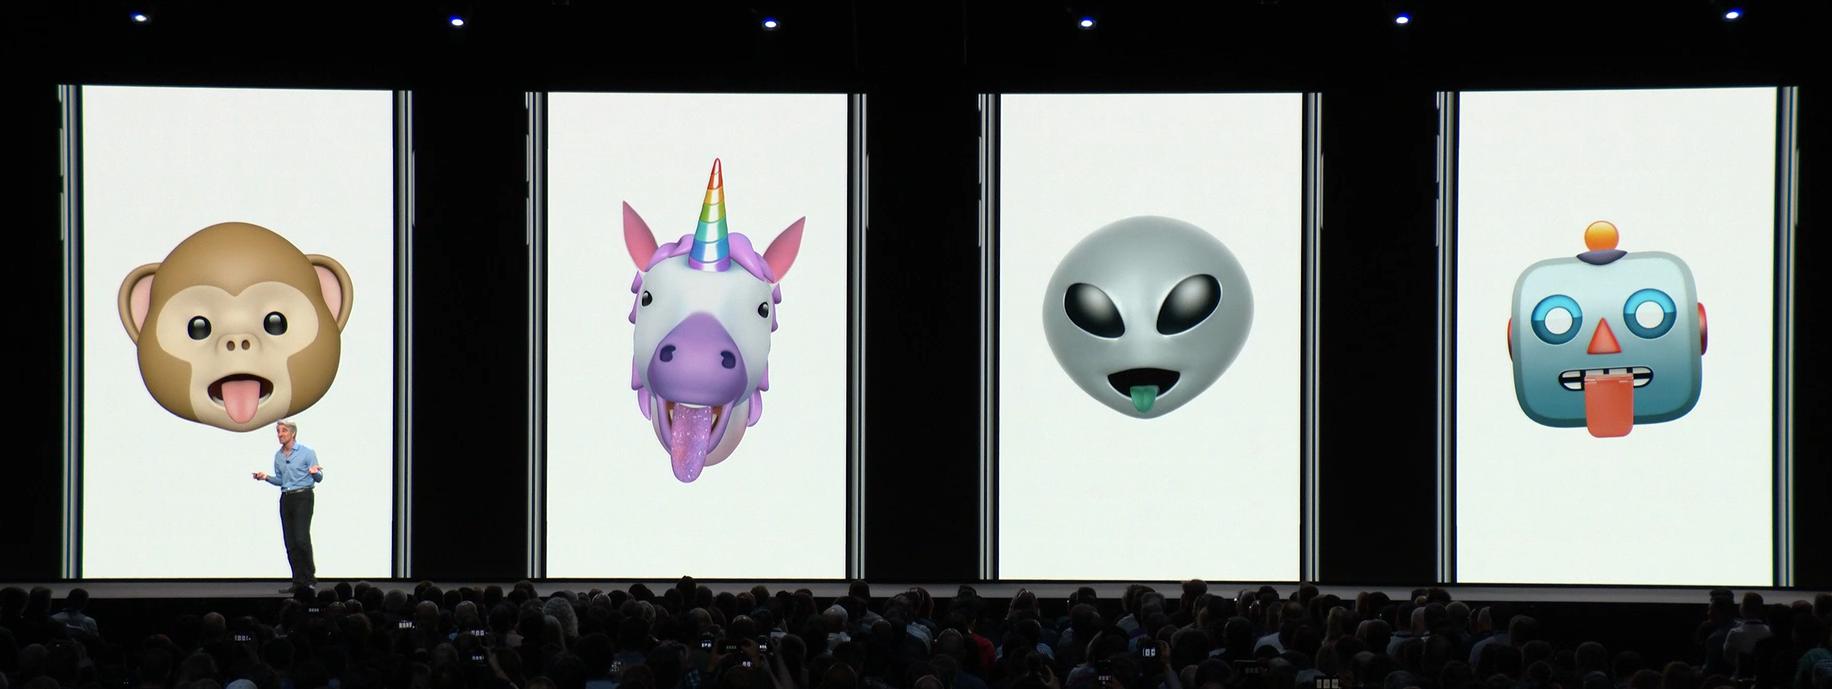 iOS12アニ文字は舌を検知